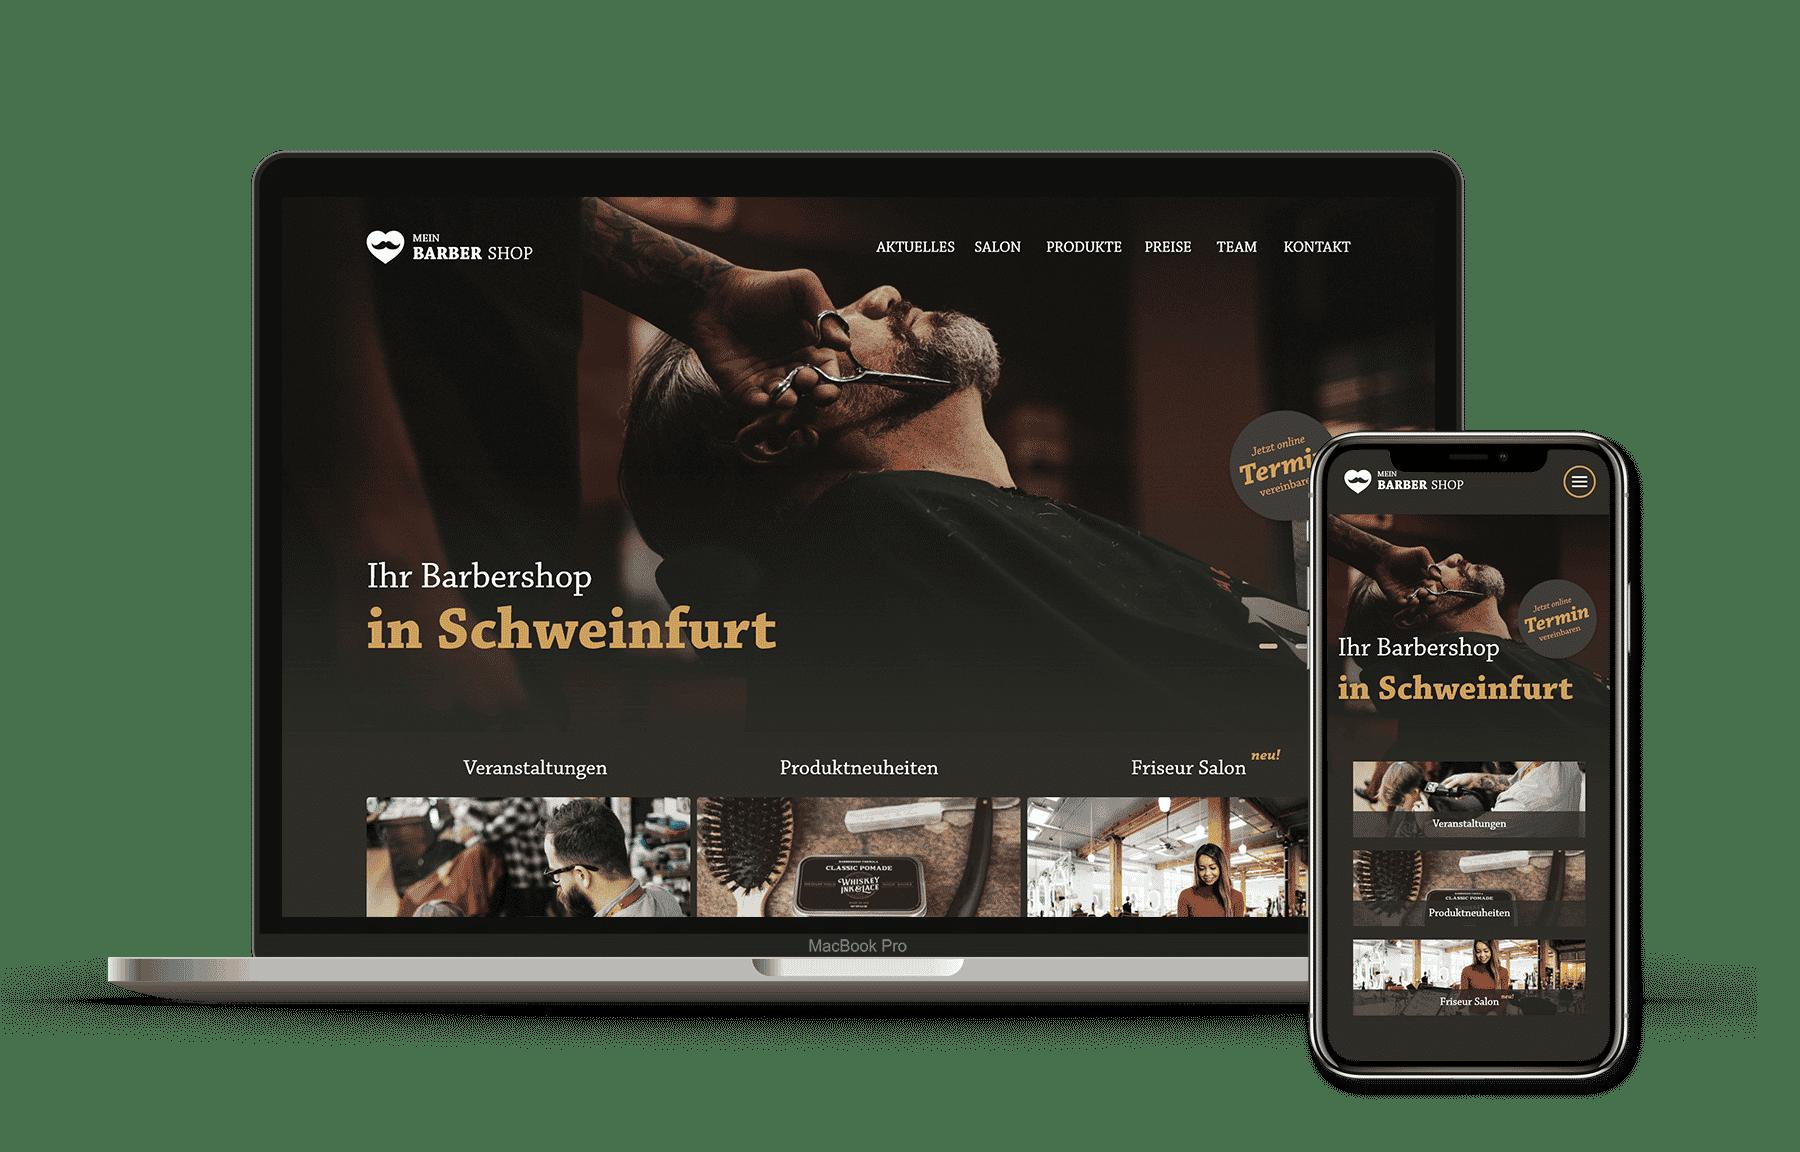 id23 Webdesign - Beispiel Friseur Website